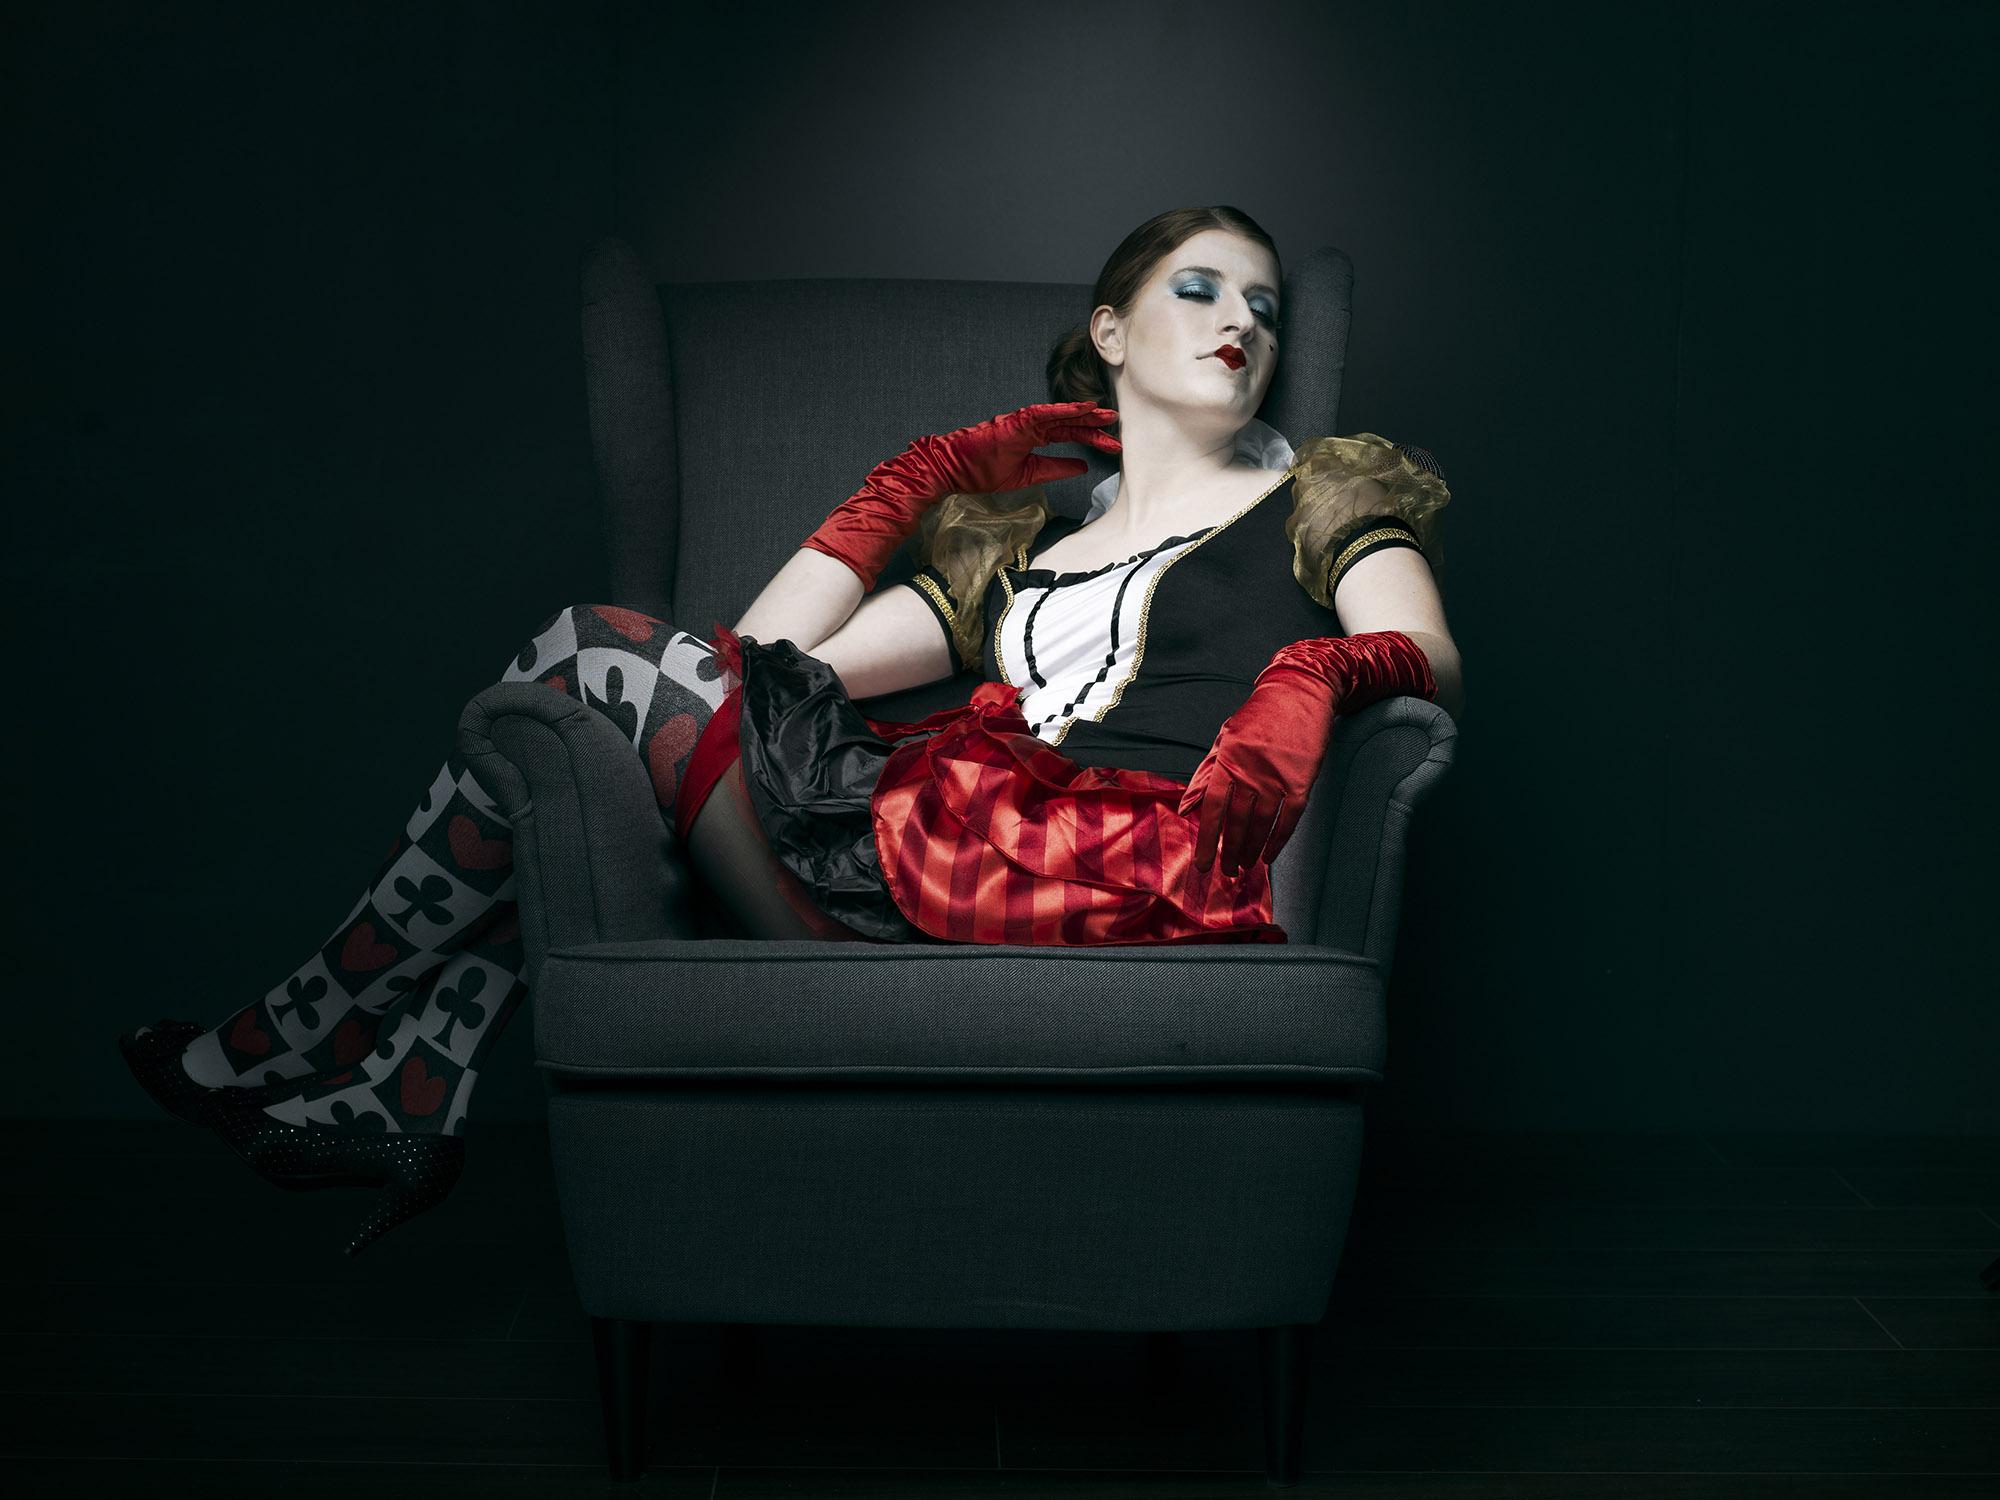 Foto van een verklede vrouw uit sprookje op een stoel met benen naar een kant